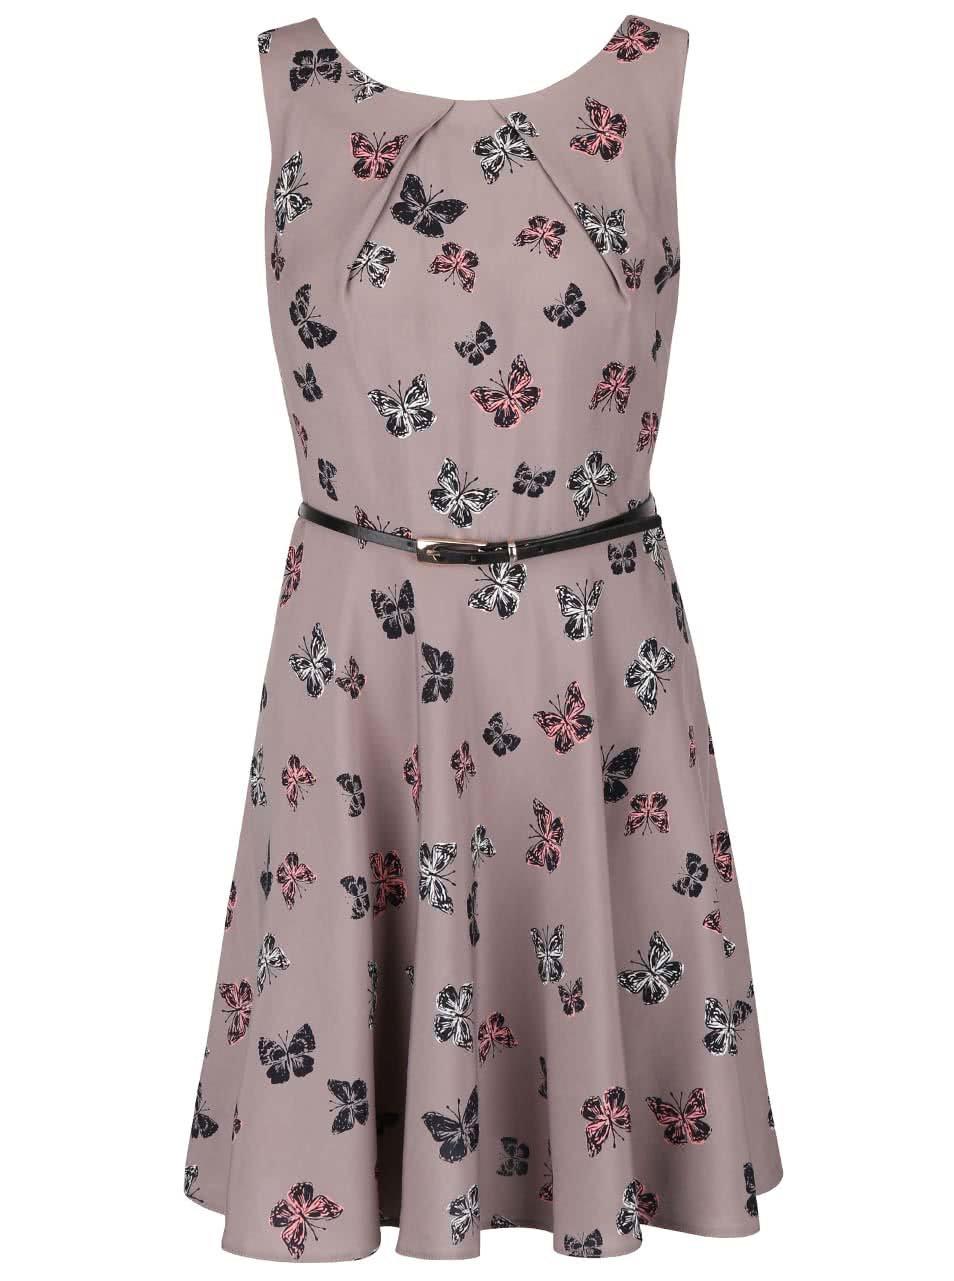 0309c9b1cab9 Sivohnedé šaty s potlačou motýľov Apricot ...